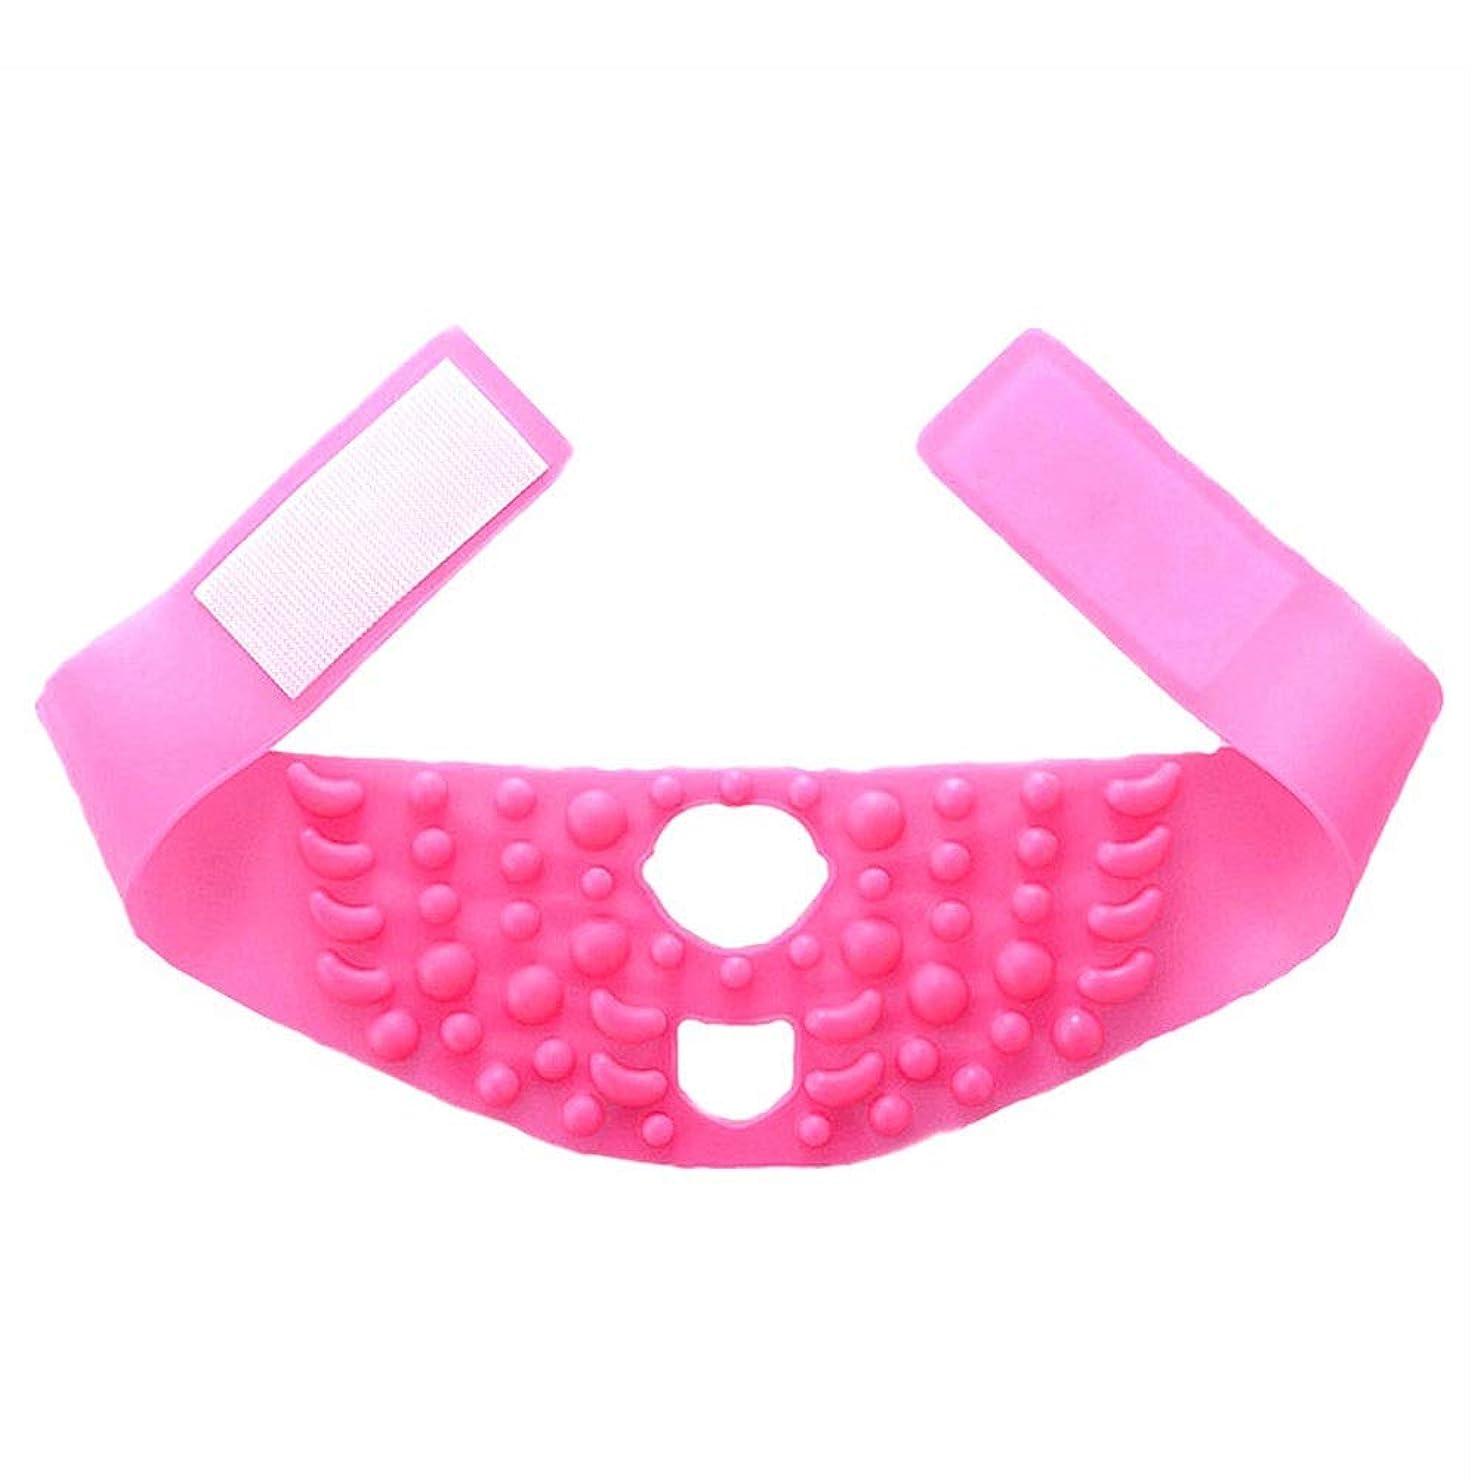 飼い慣らす妻一緒シンフェイスマスクシリコーンマッサージ引き締まった形の小さなVフェイスリフティングに薄いフェイスアーティファクト包帯を飾る - ピンク